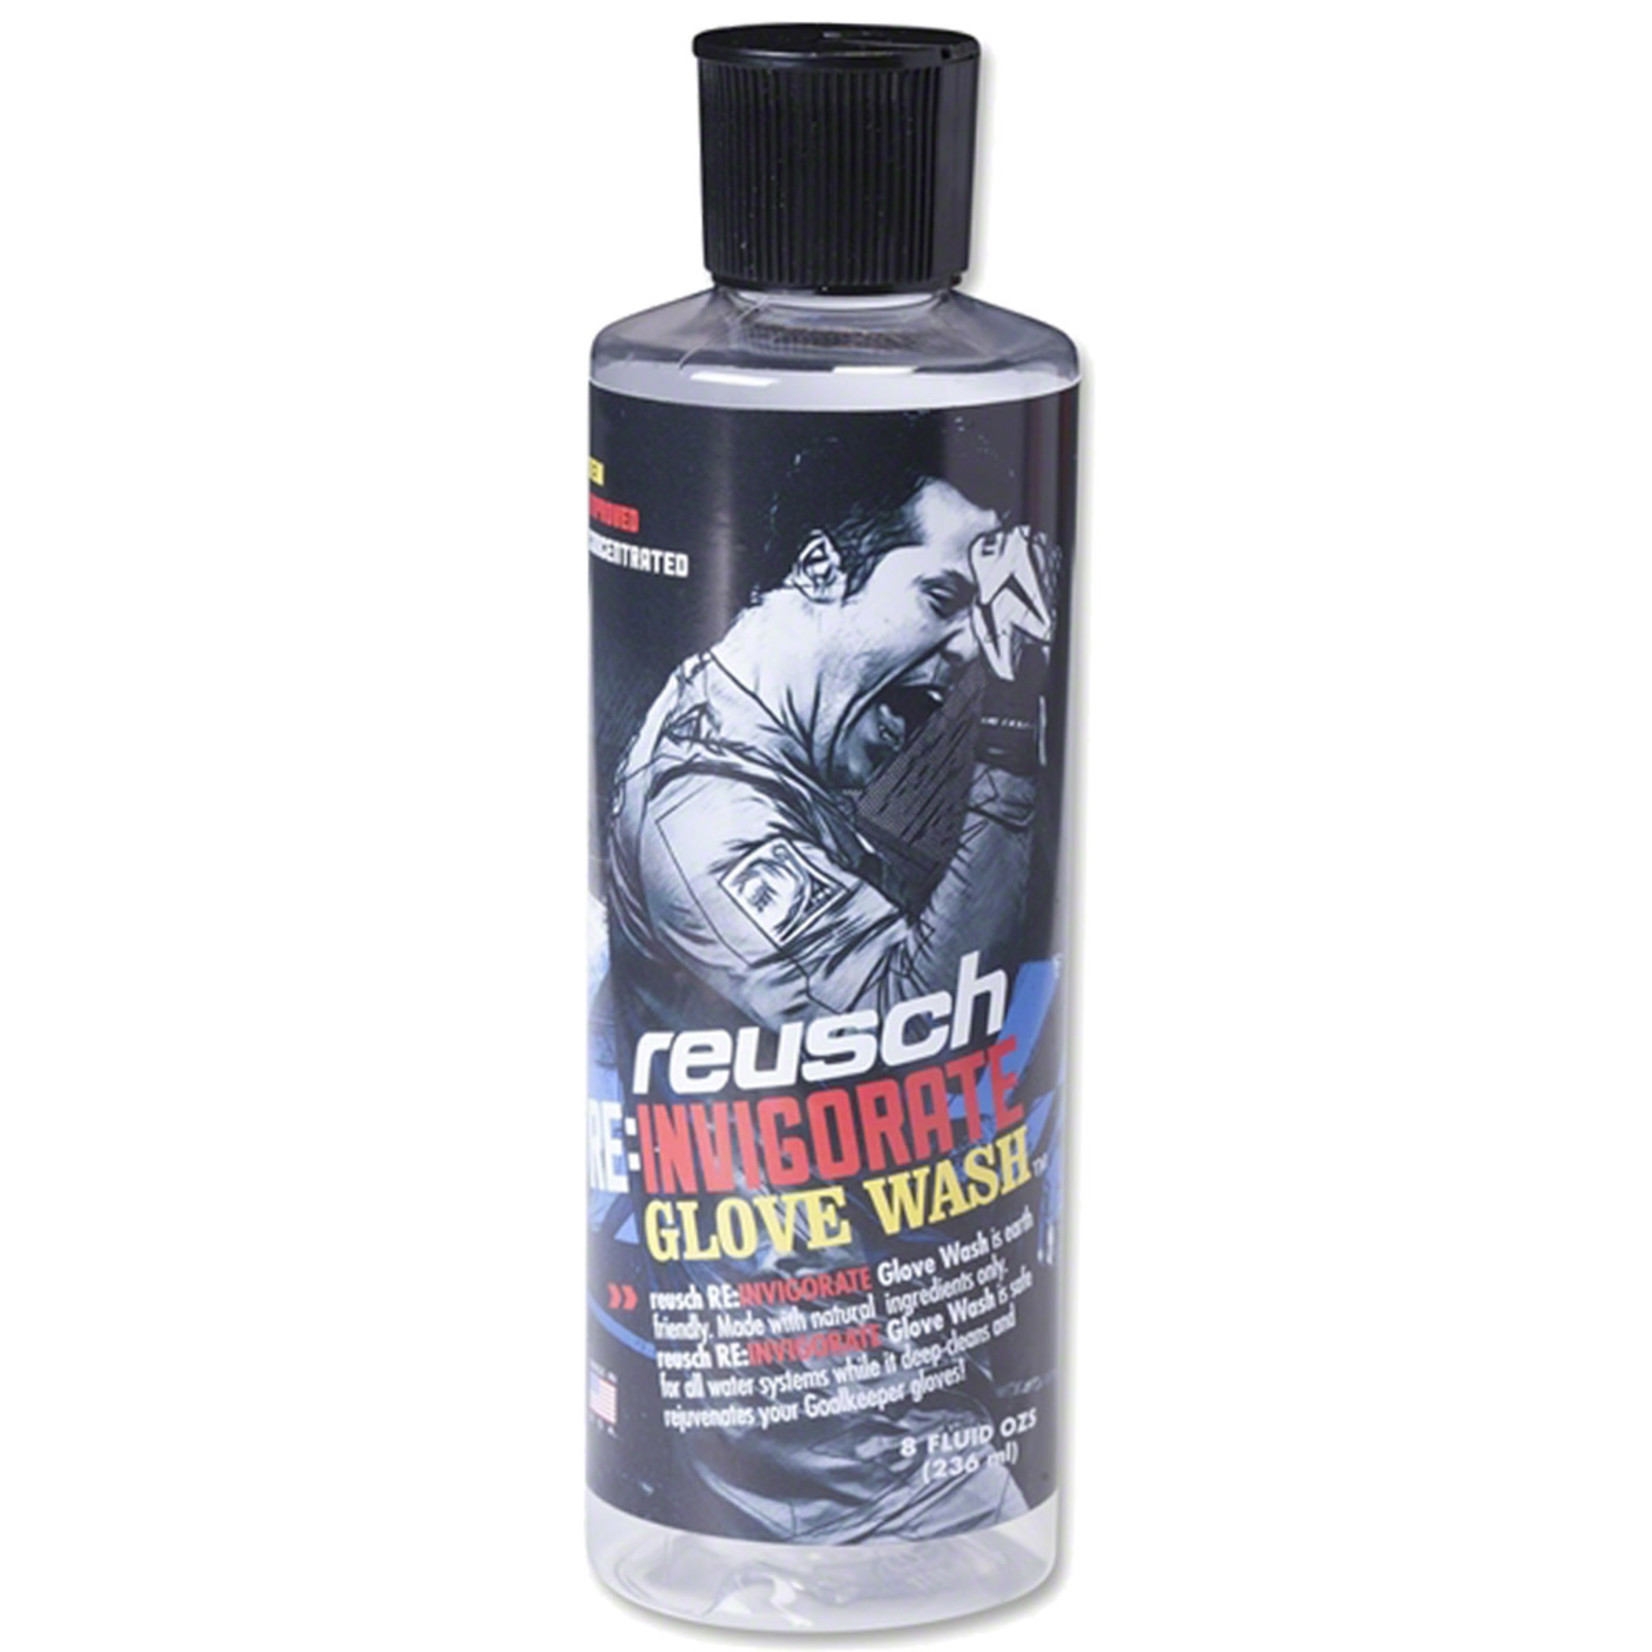 REUSCH REINVIGORATE GLOVE WASH